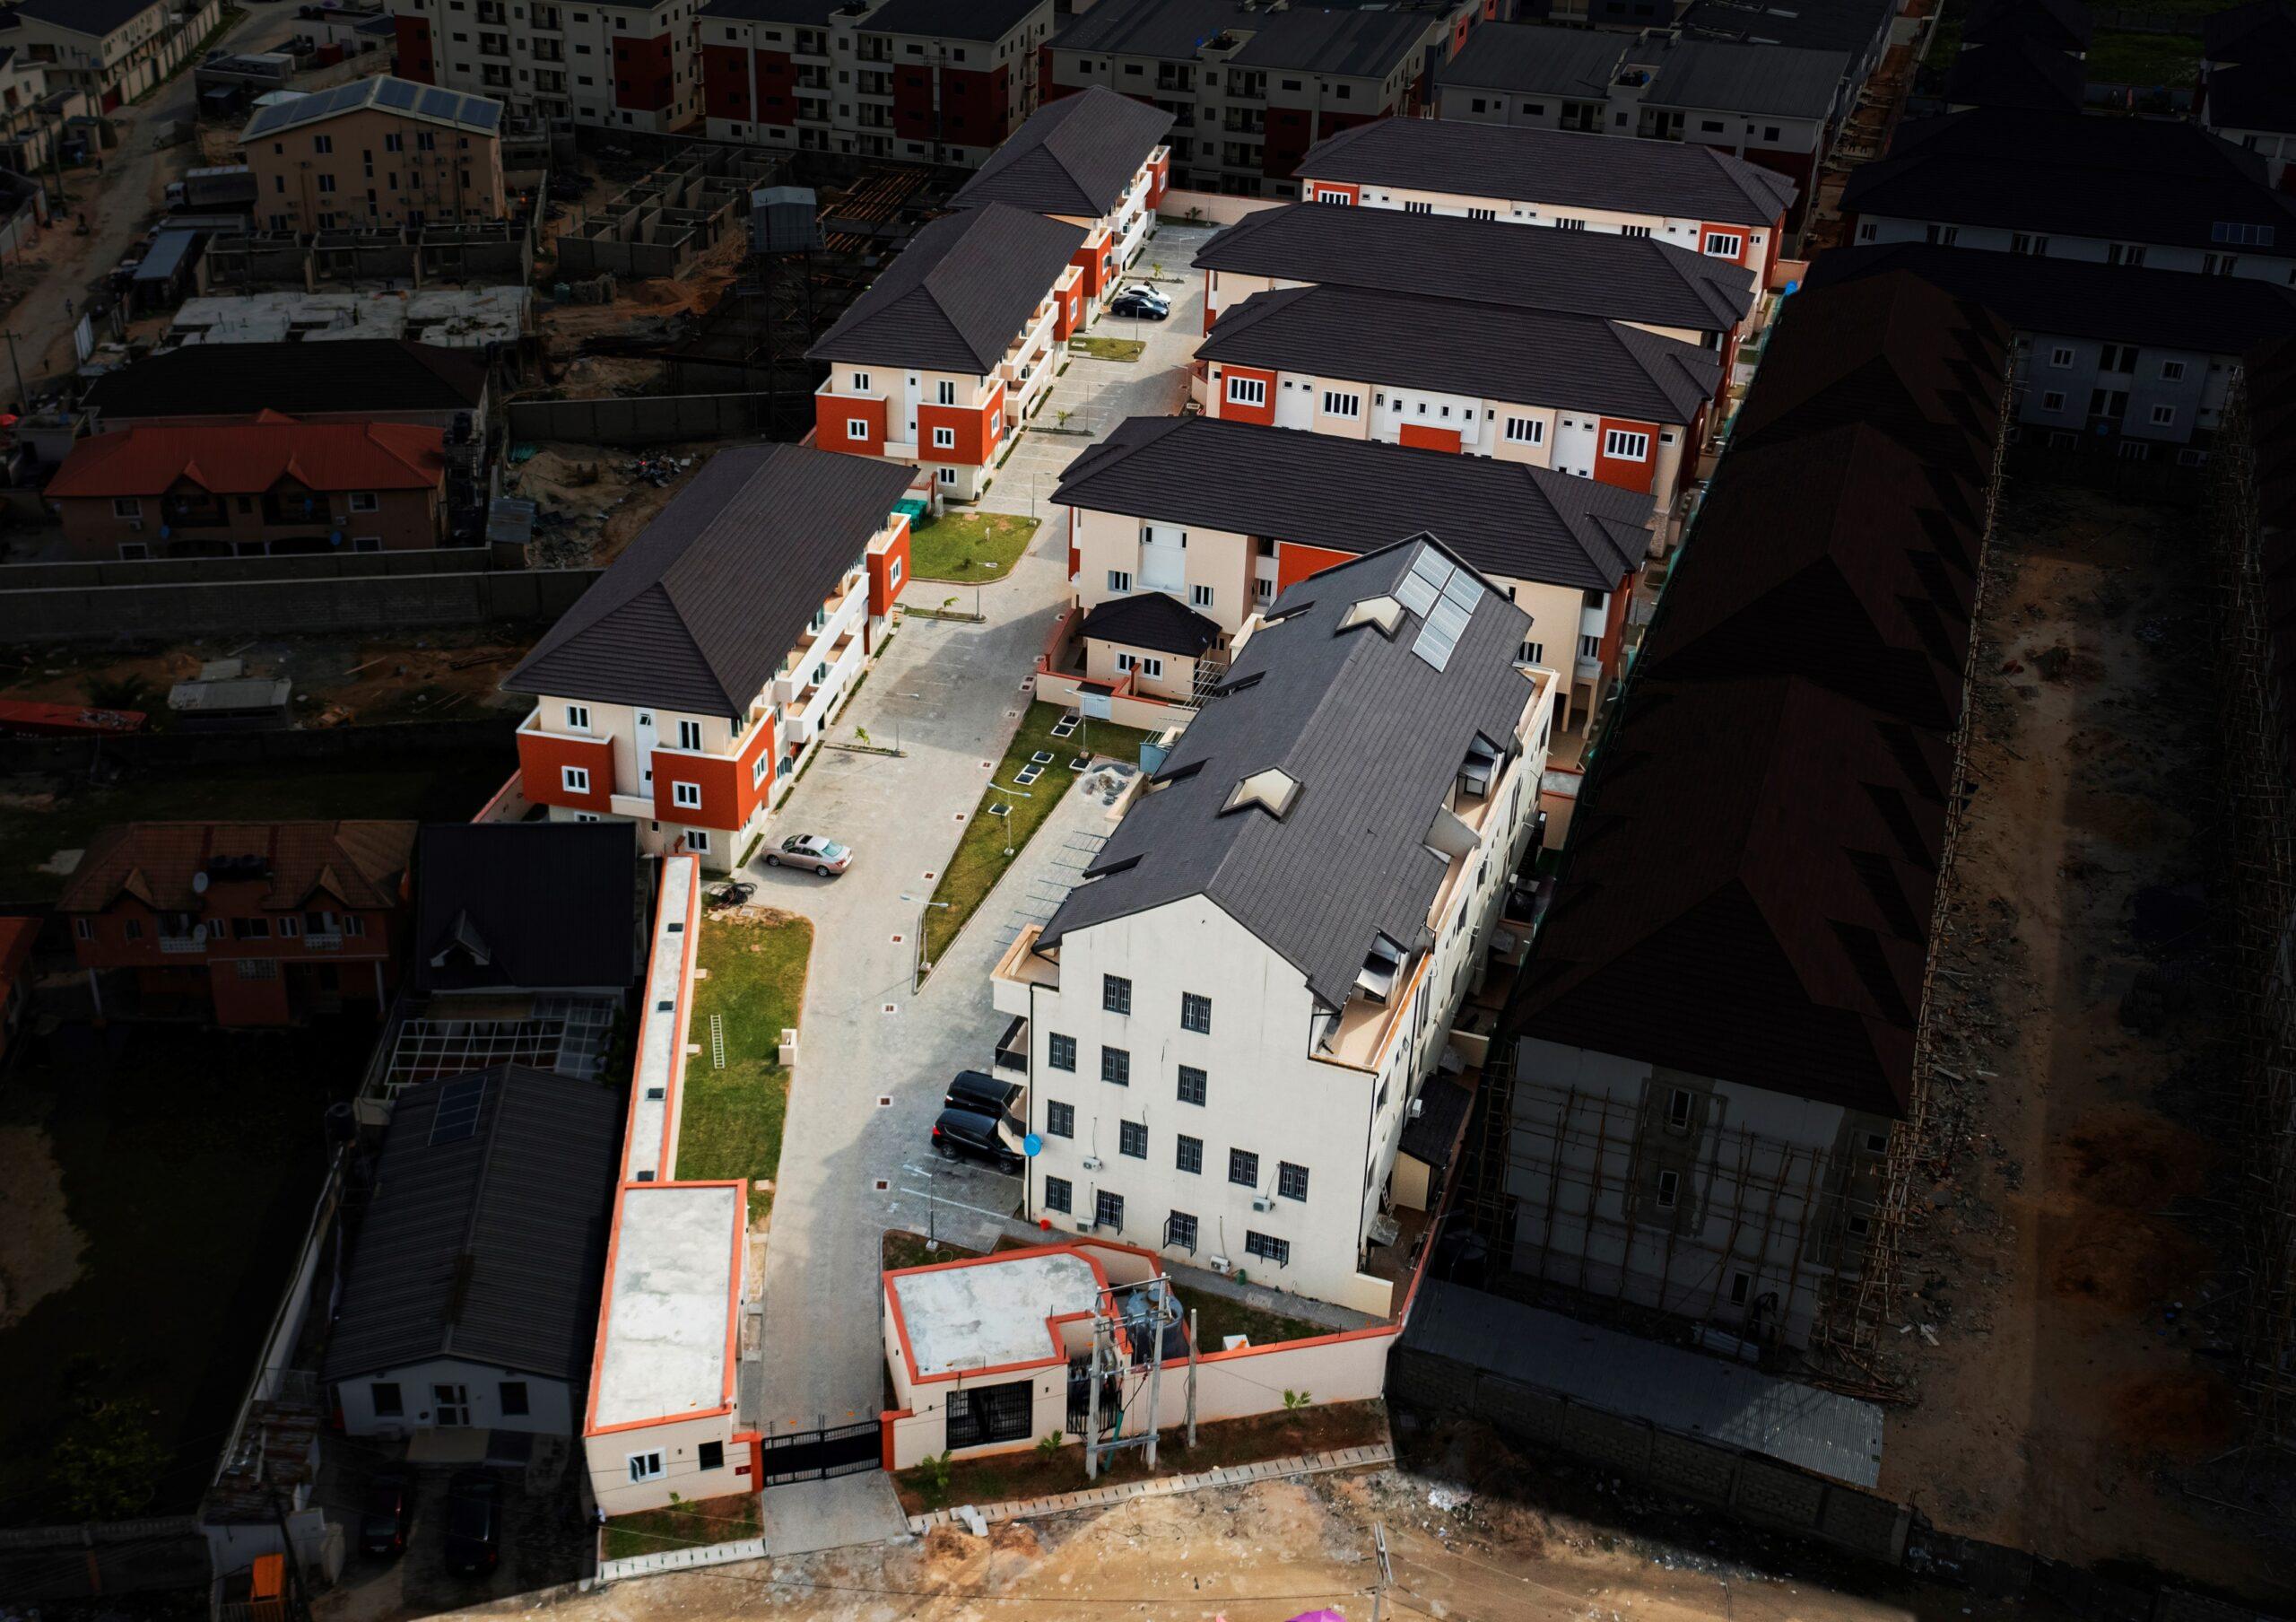 milano-courts-estate-lagos5b